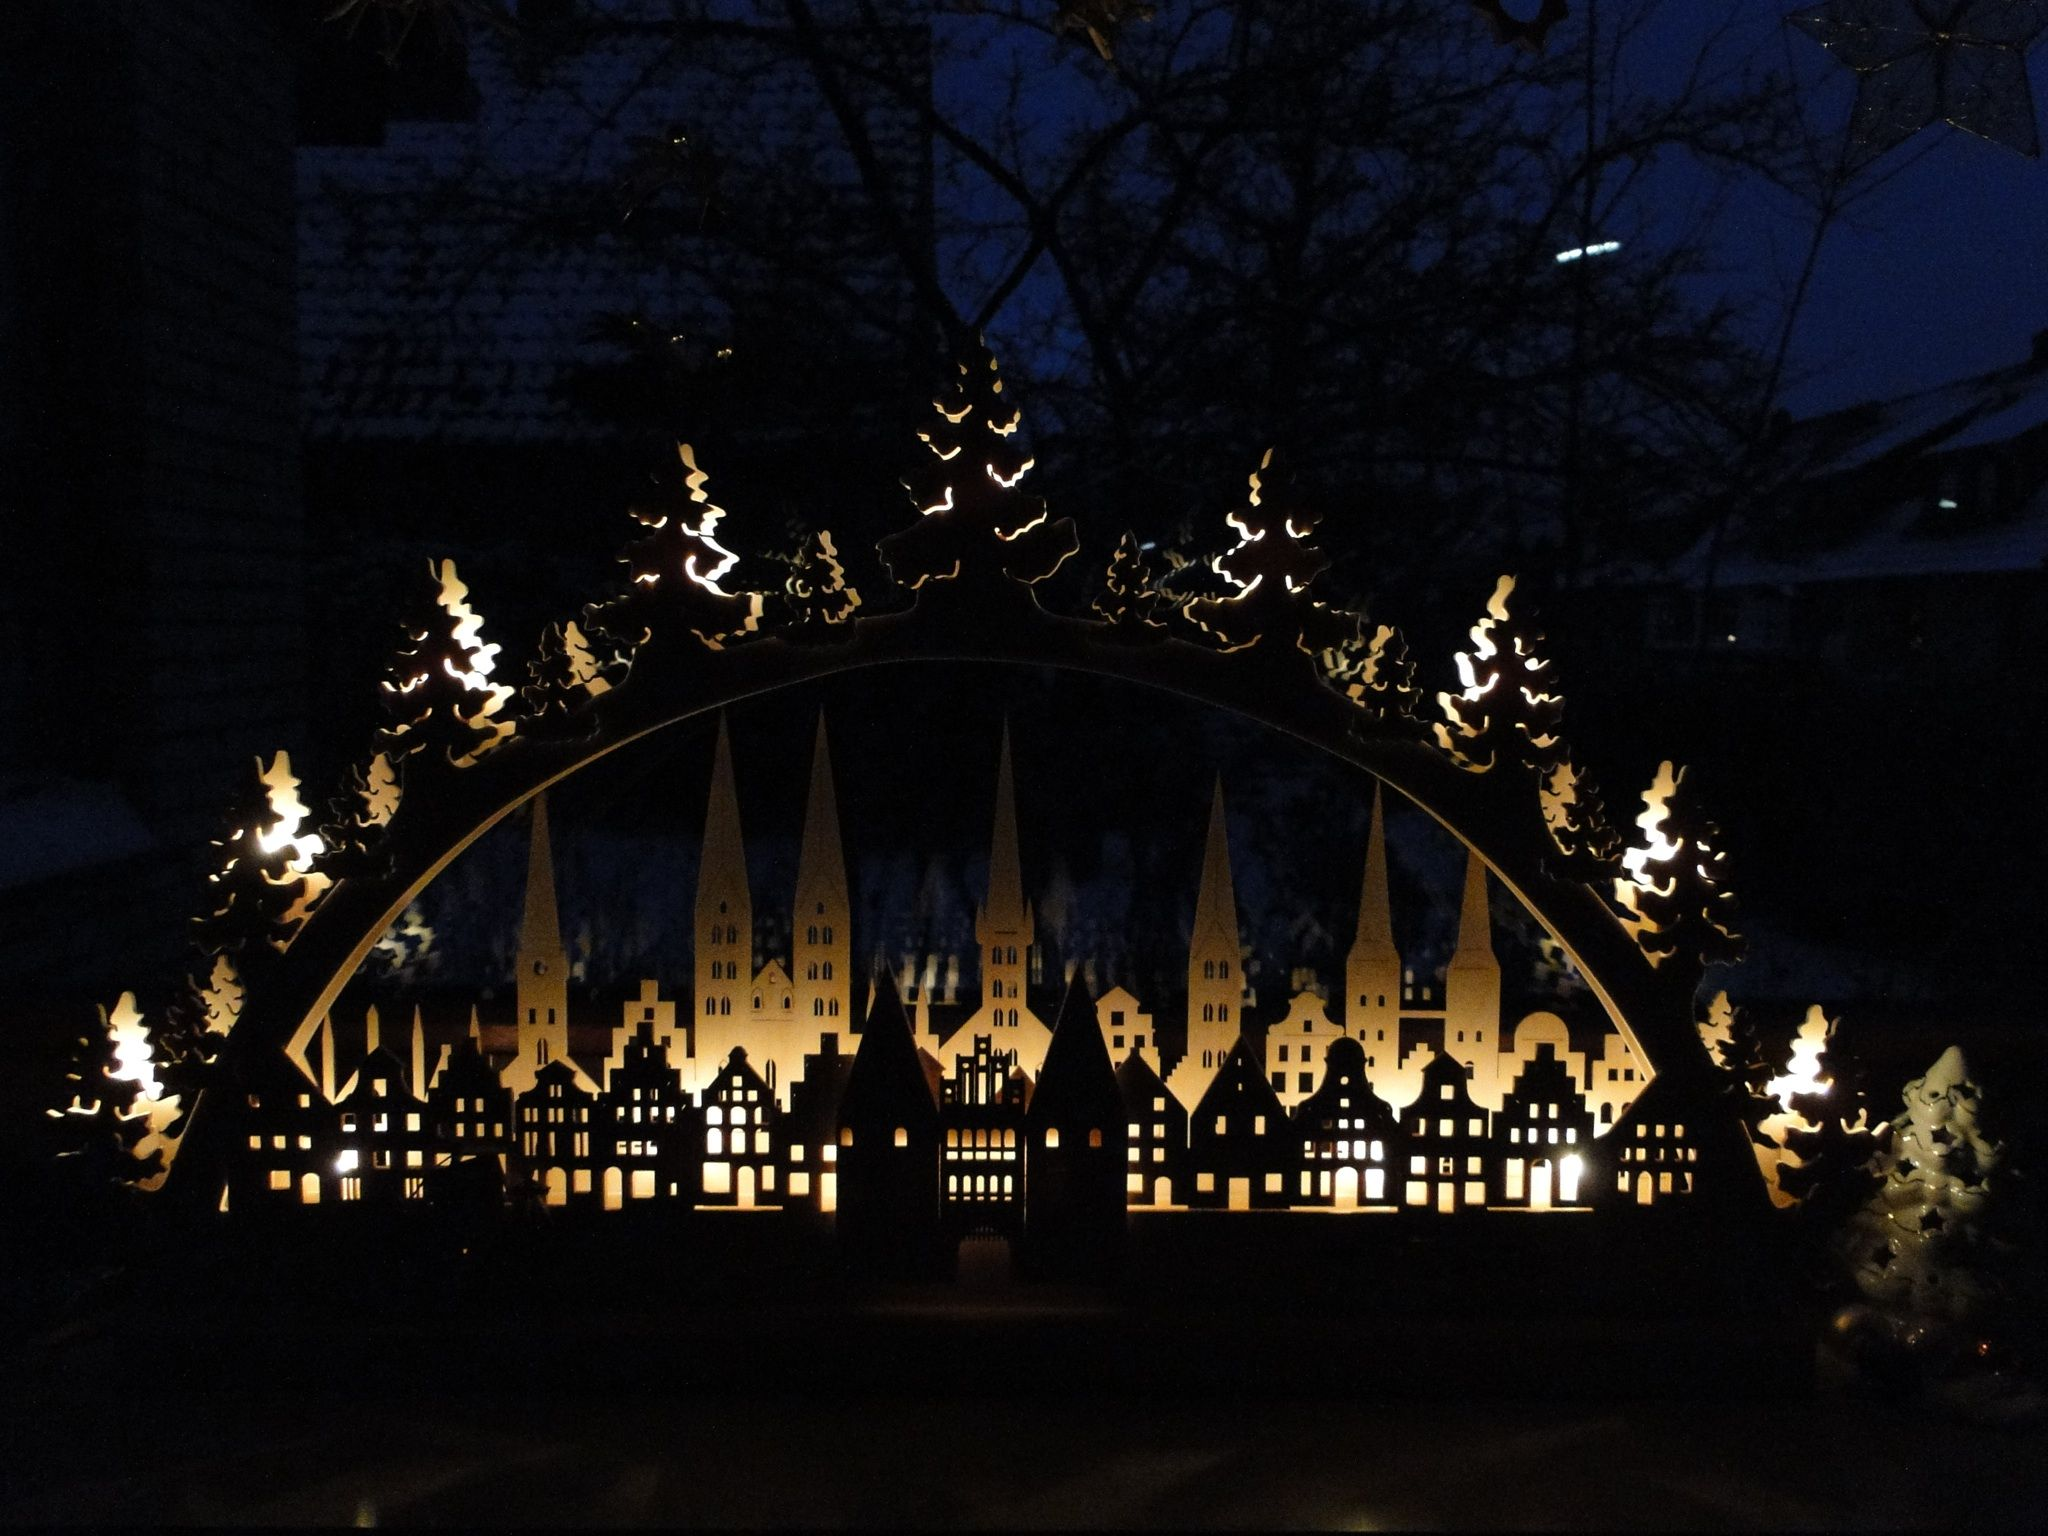 Lichterbogen mit Lübeckmotiv.